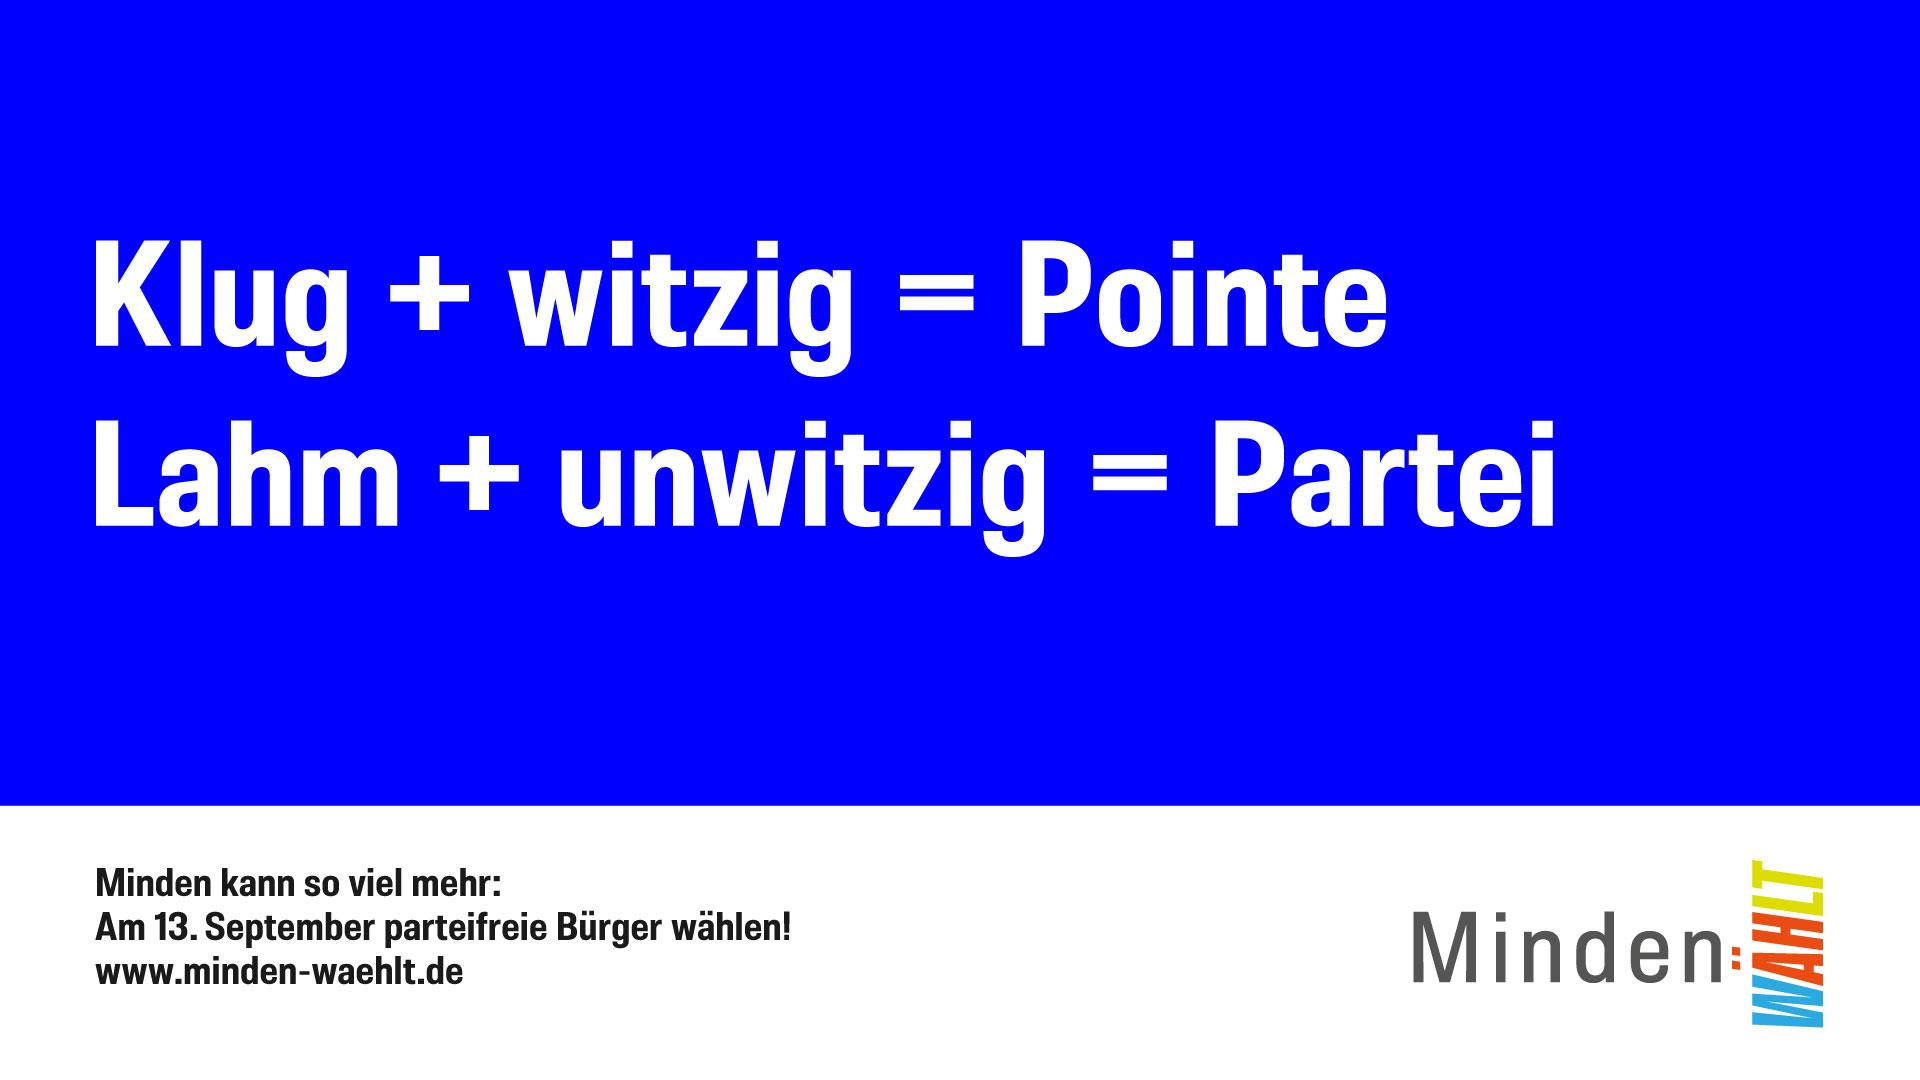 Motiv Pointe vs. Partei